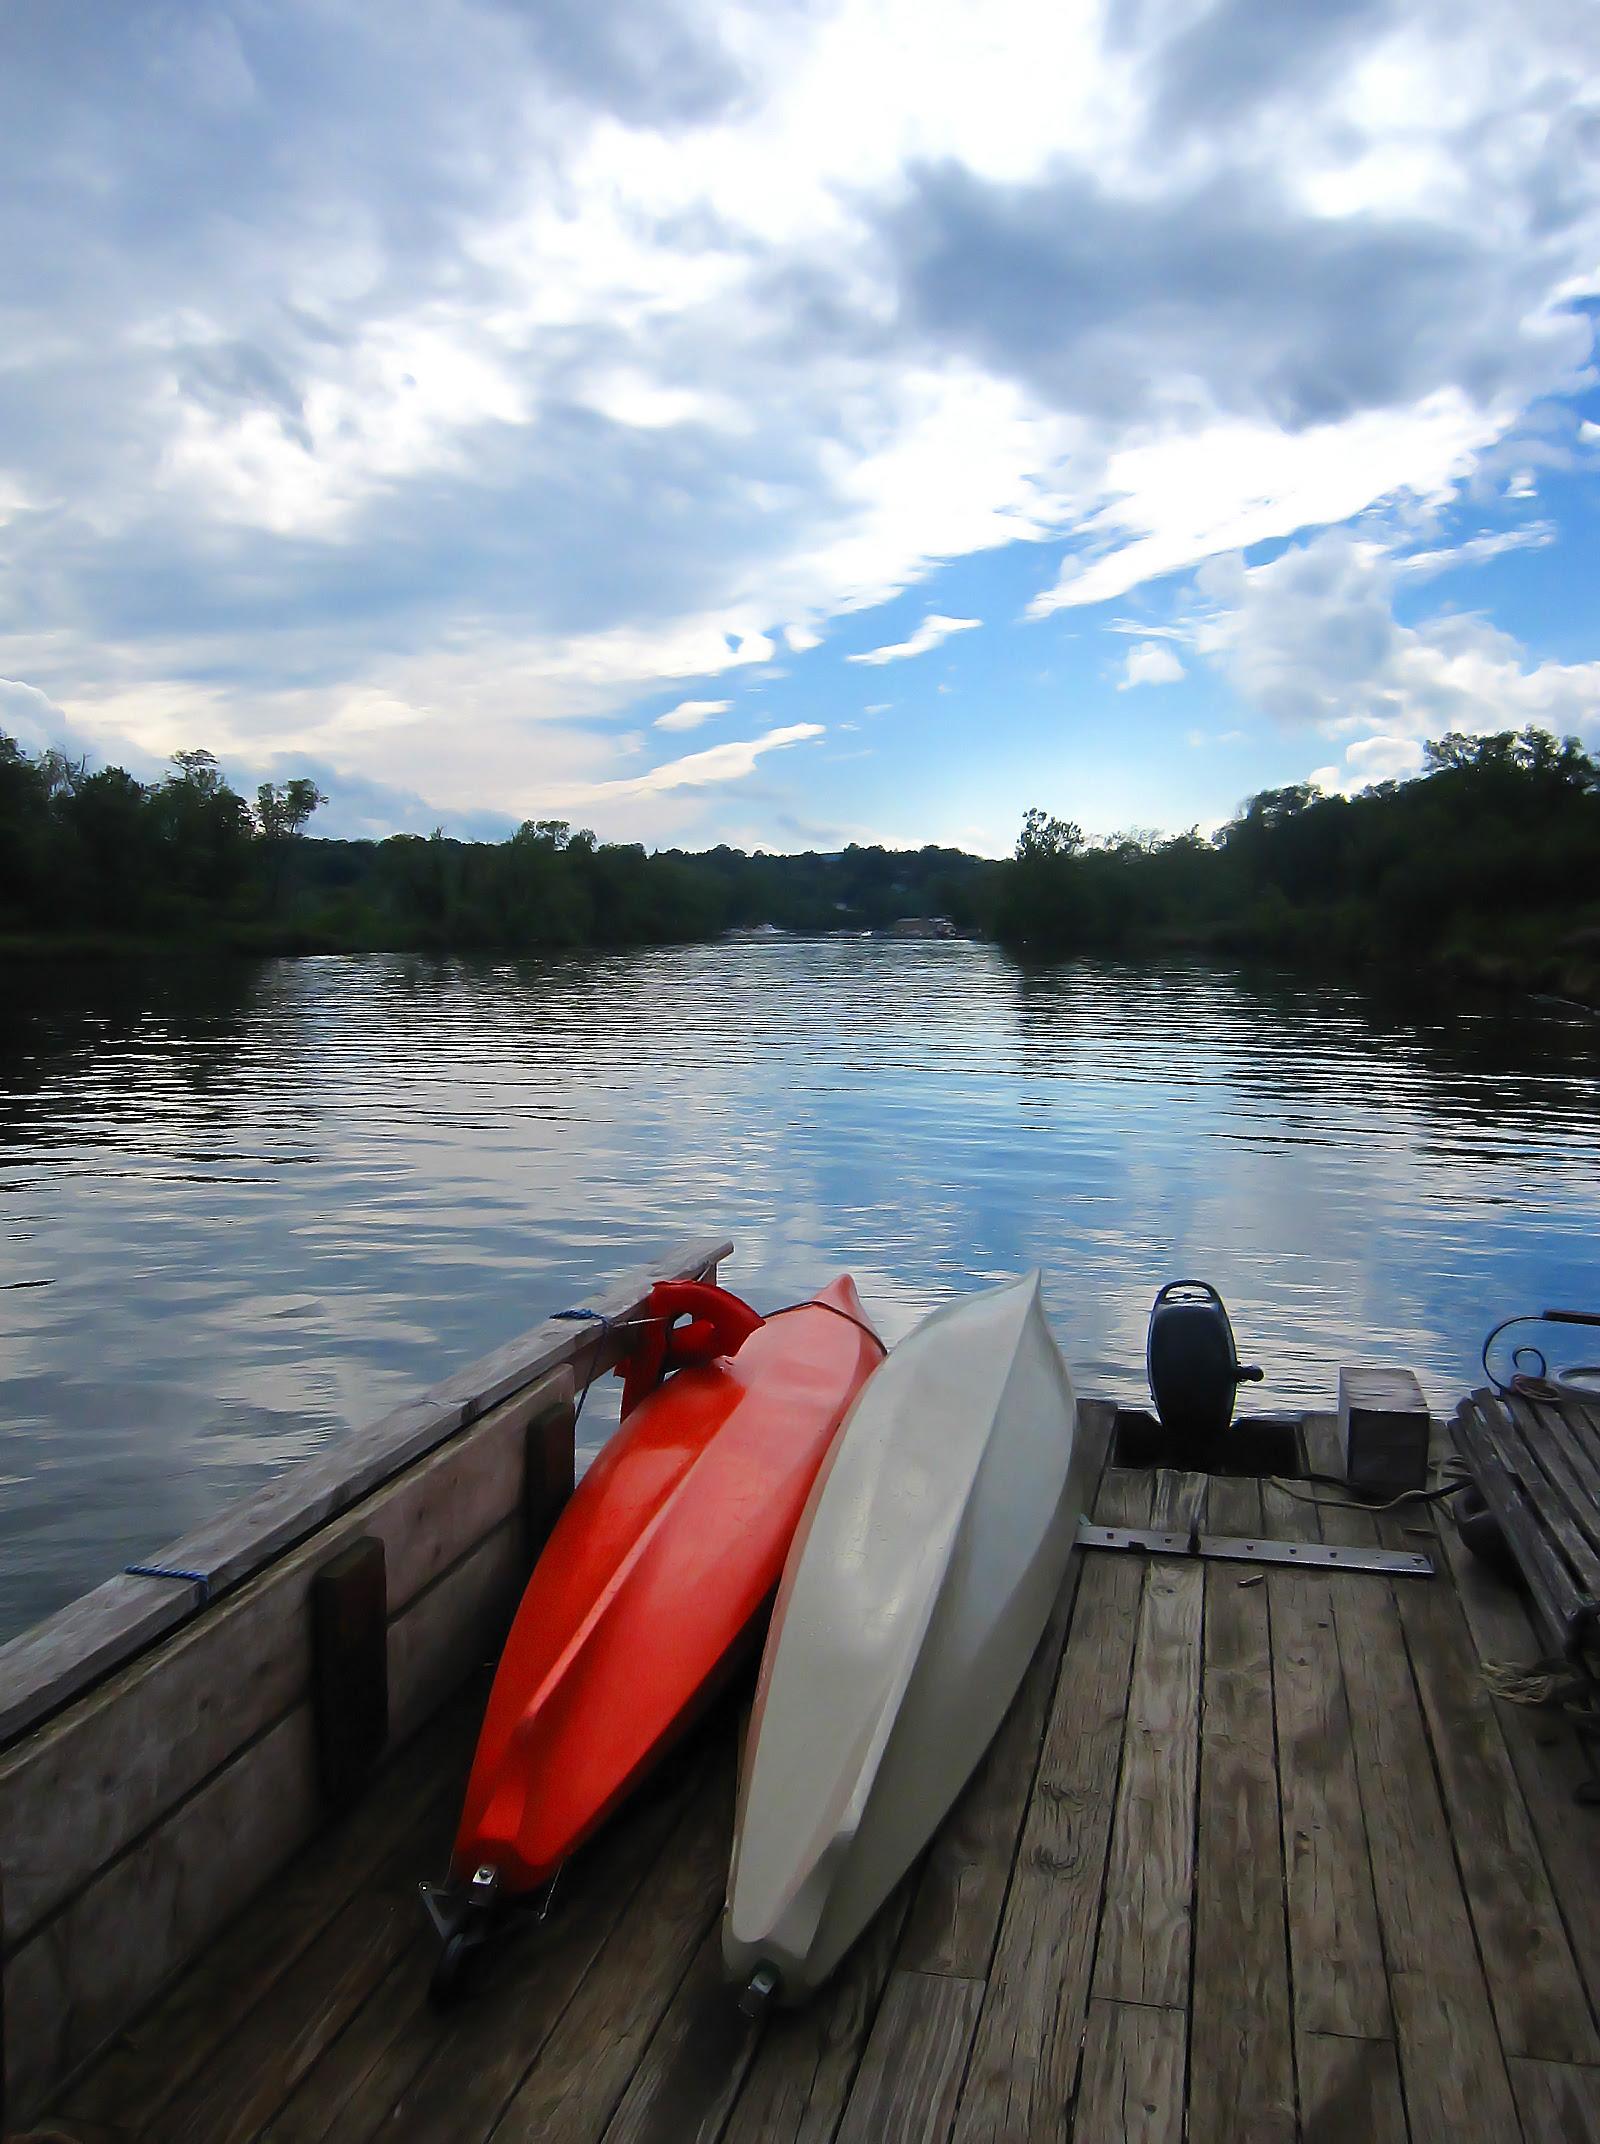 Hudson River at Saugerties